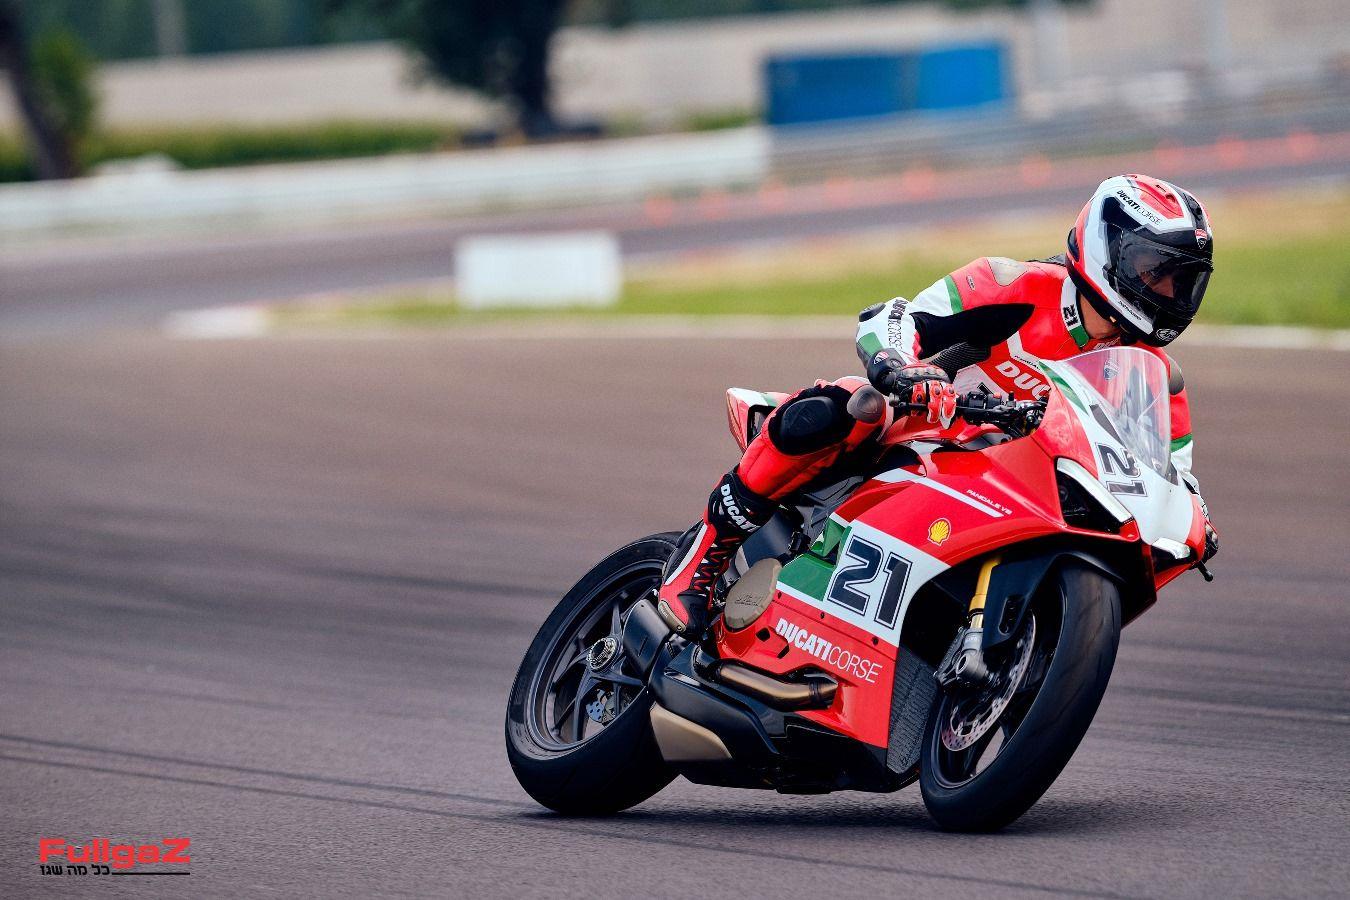 Ducati-Panigale-V2-Bayliss-008